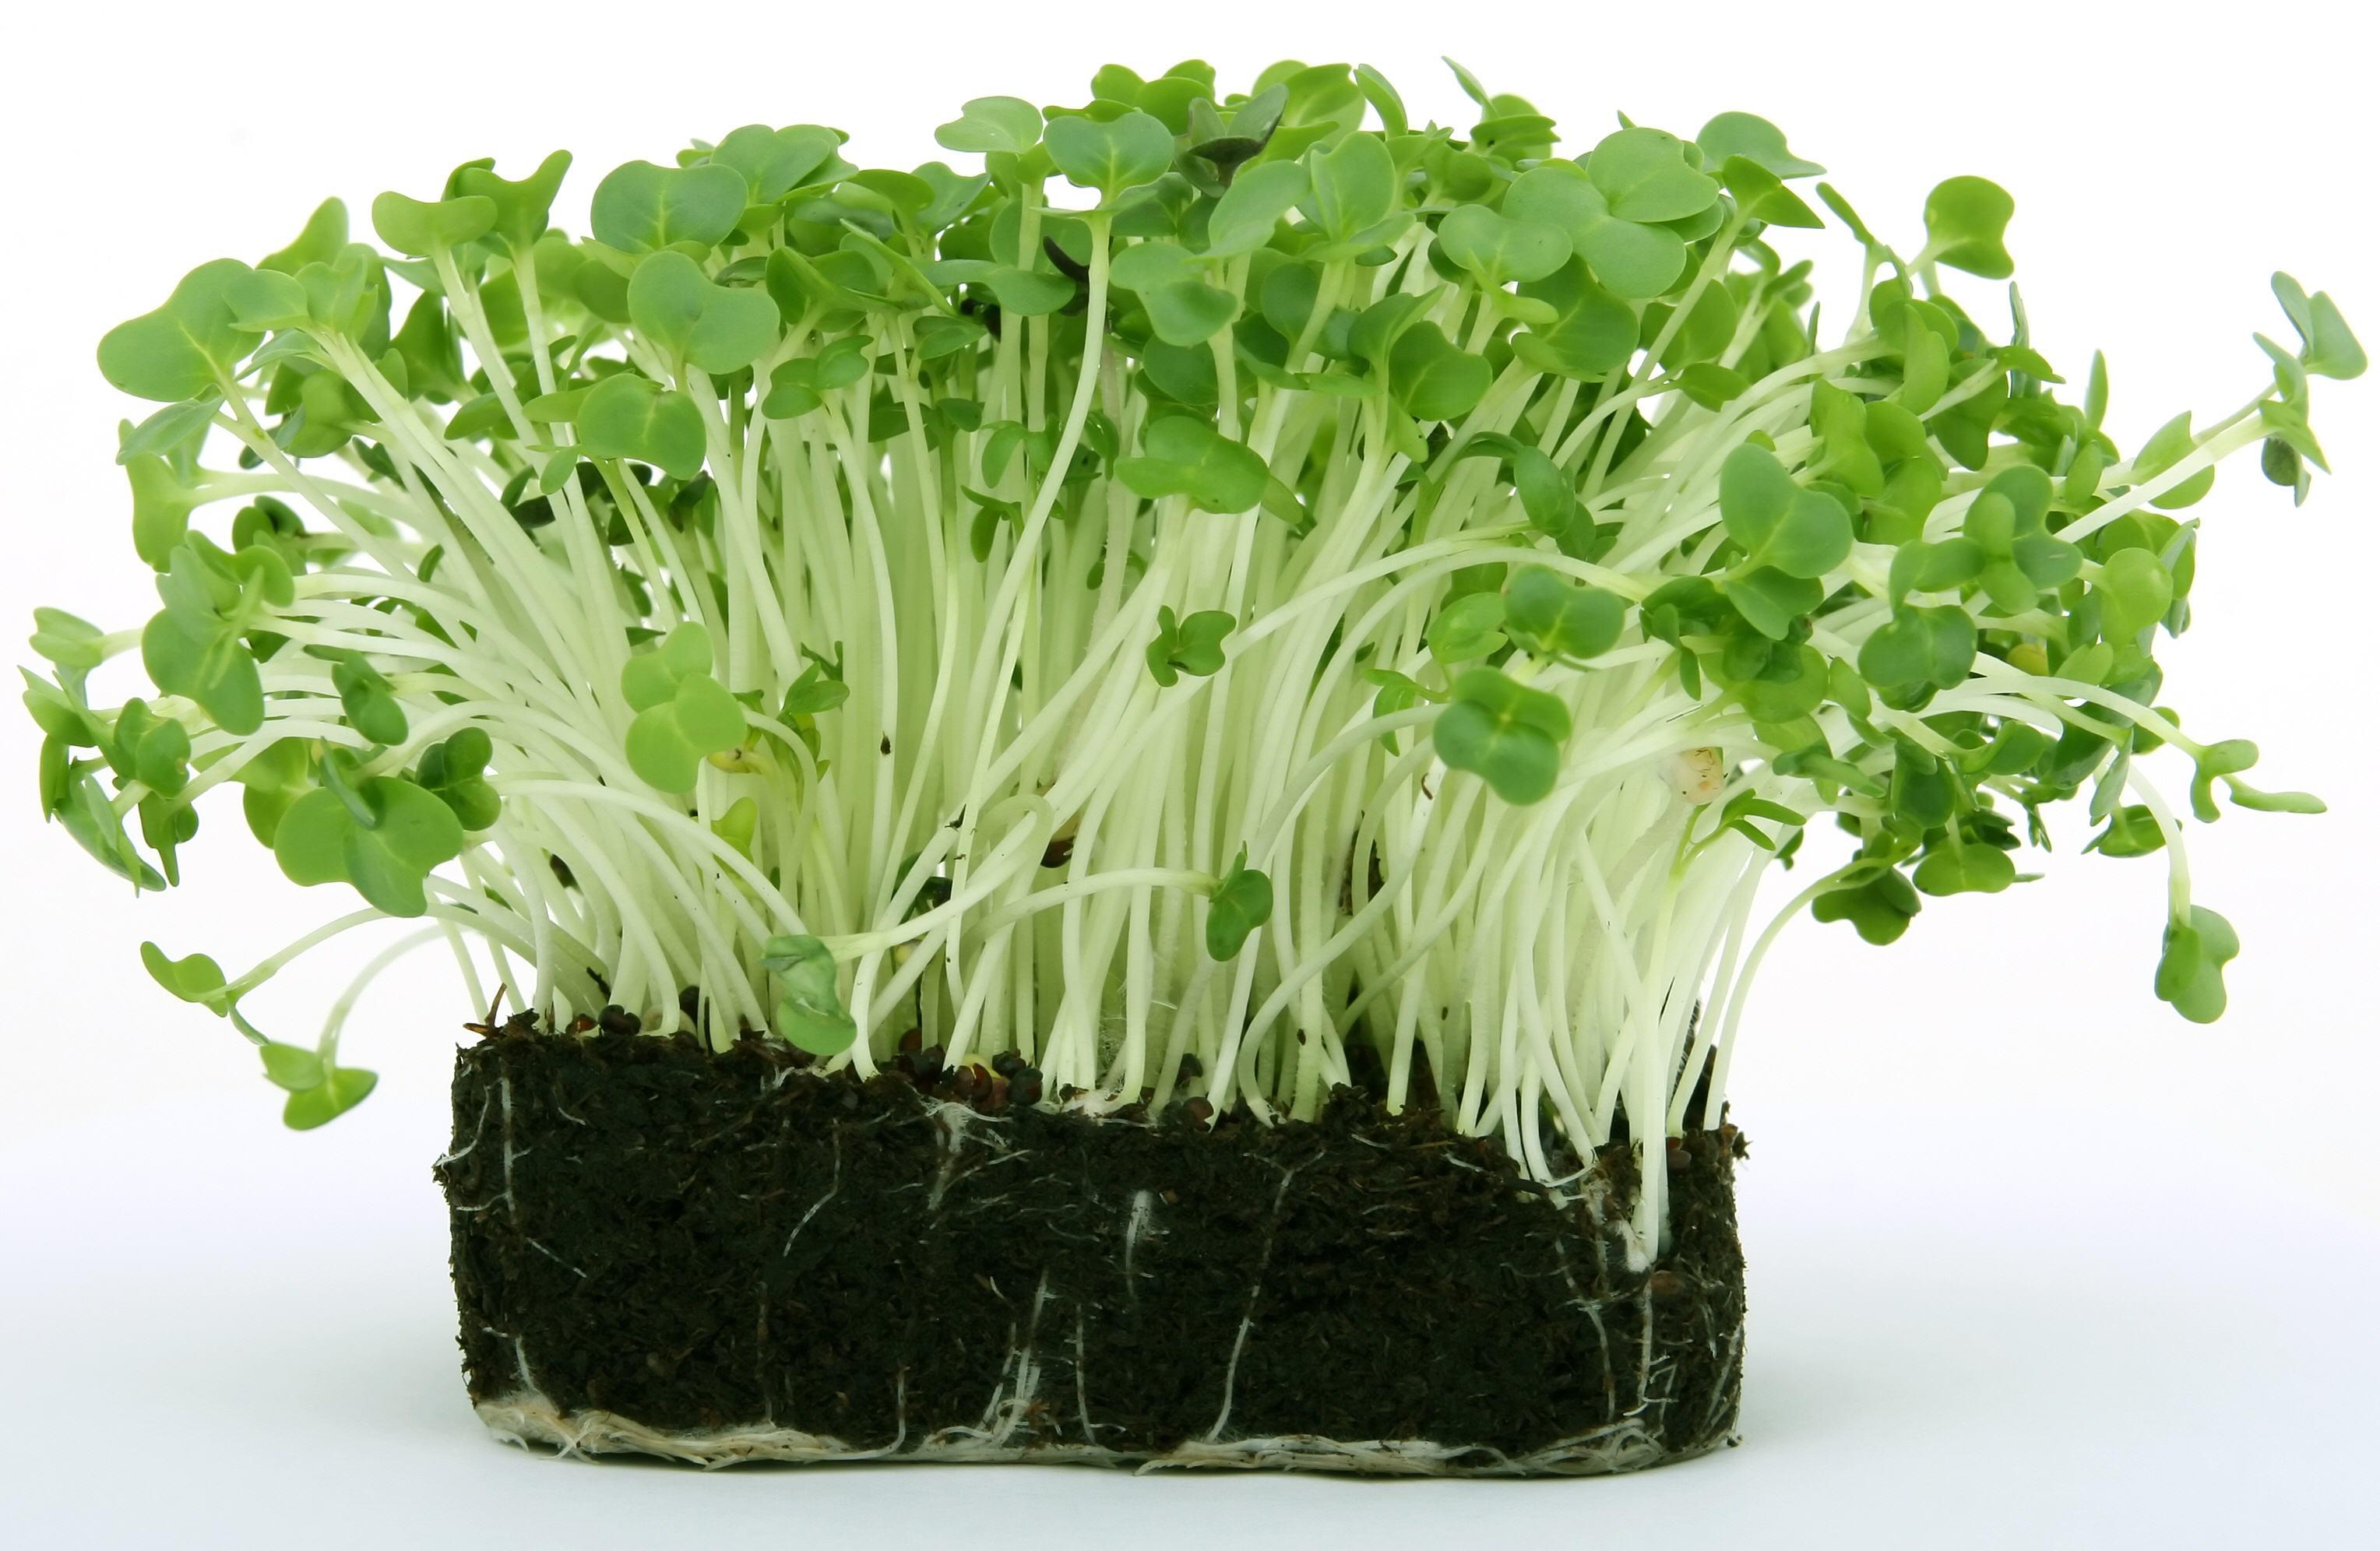 Vegetables-46